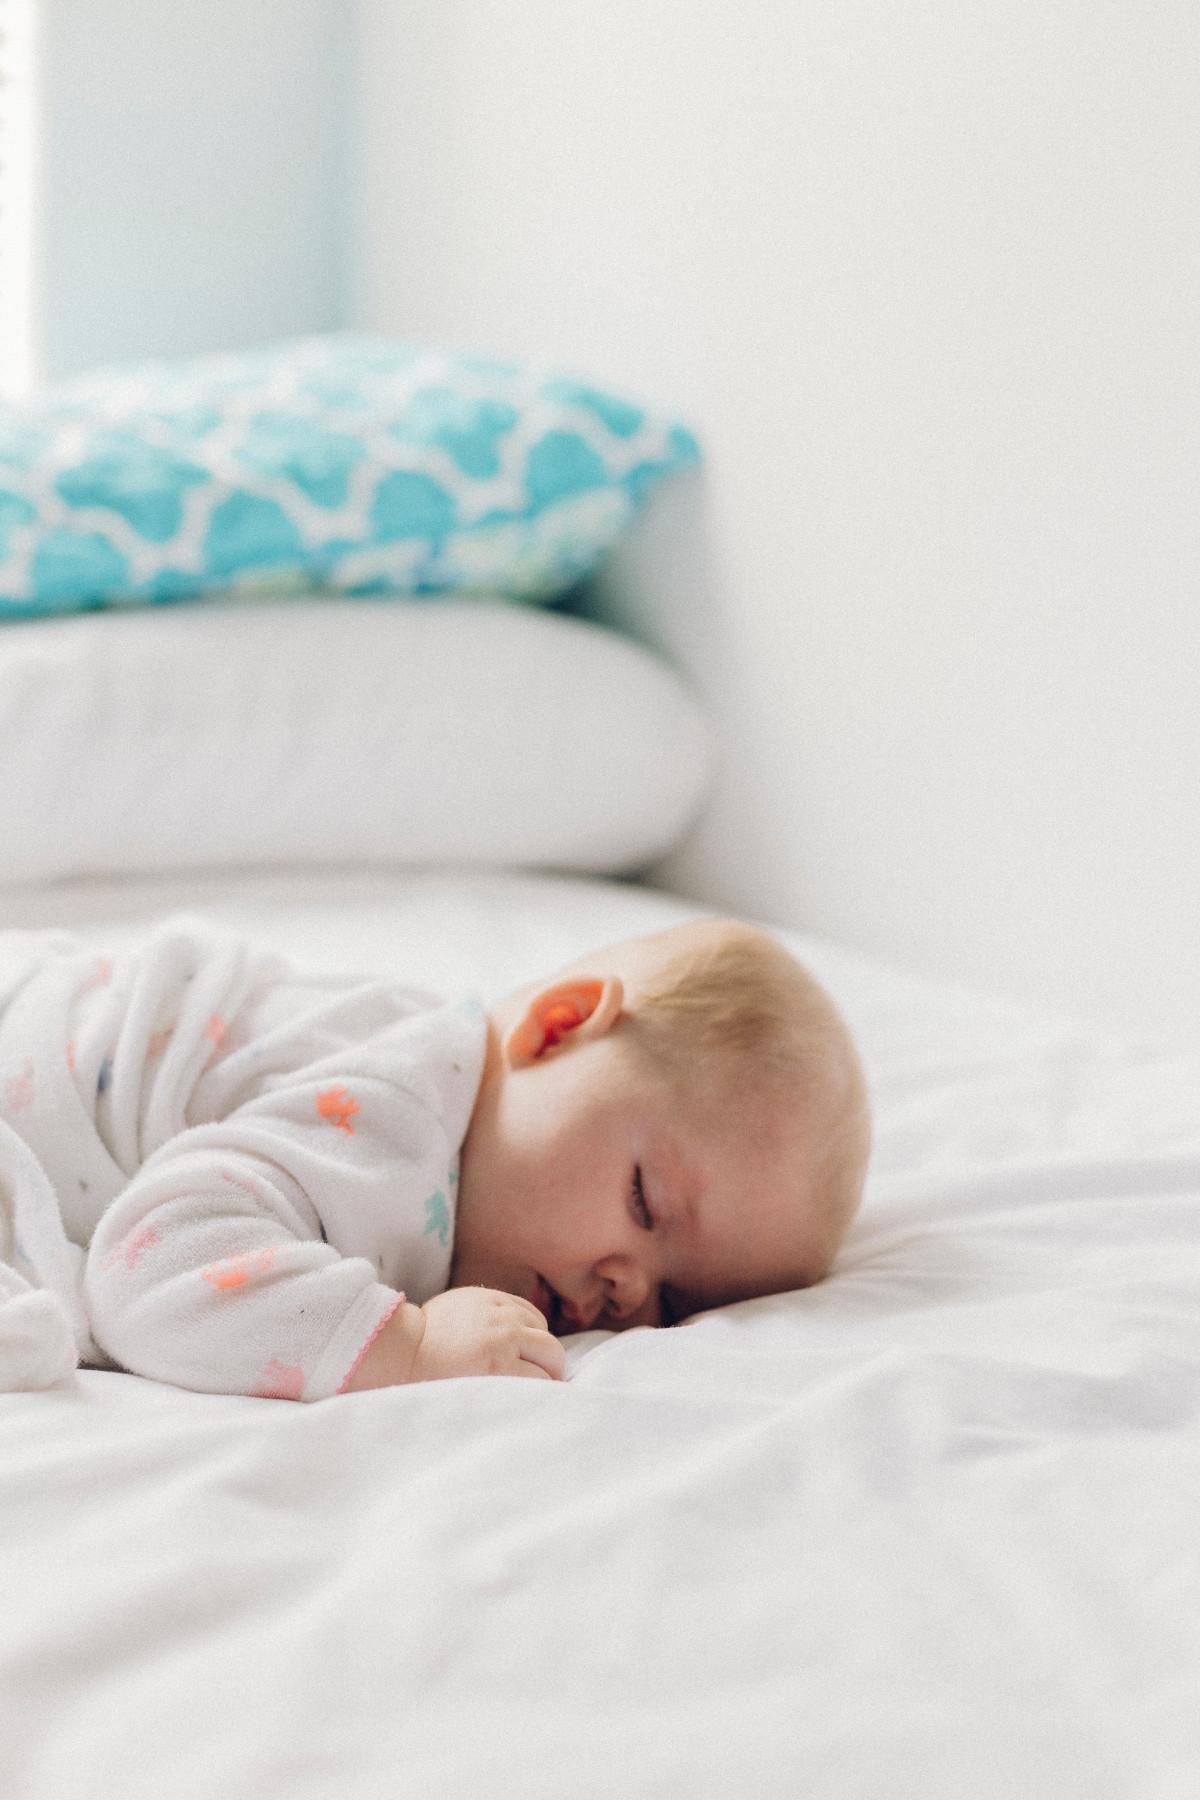 щитовидная железа у ребенка 3 года фото